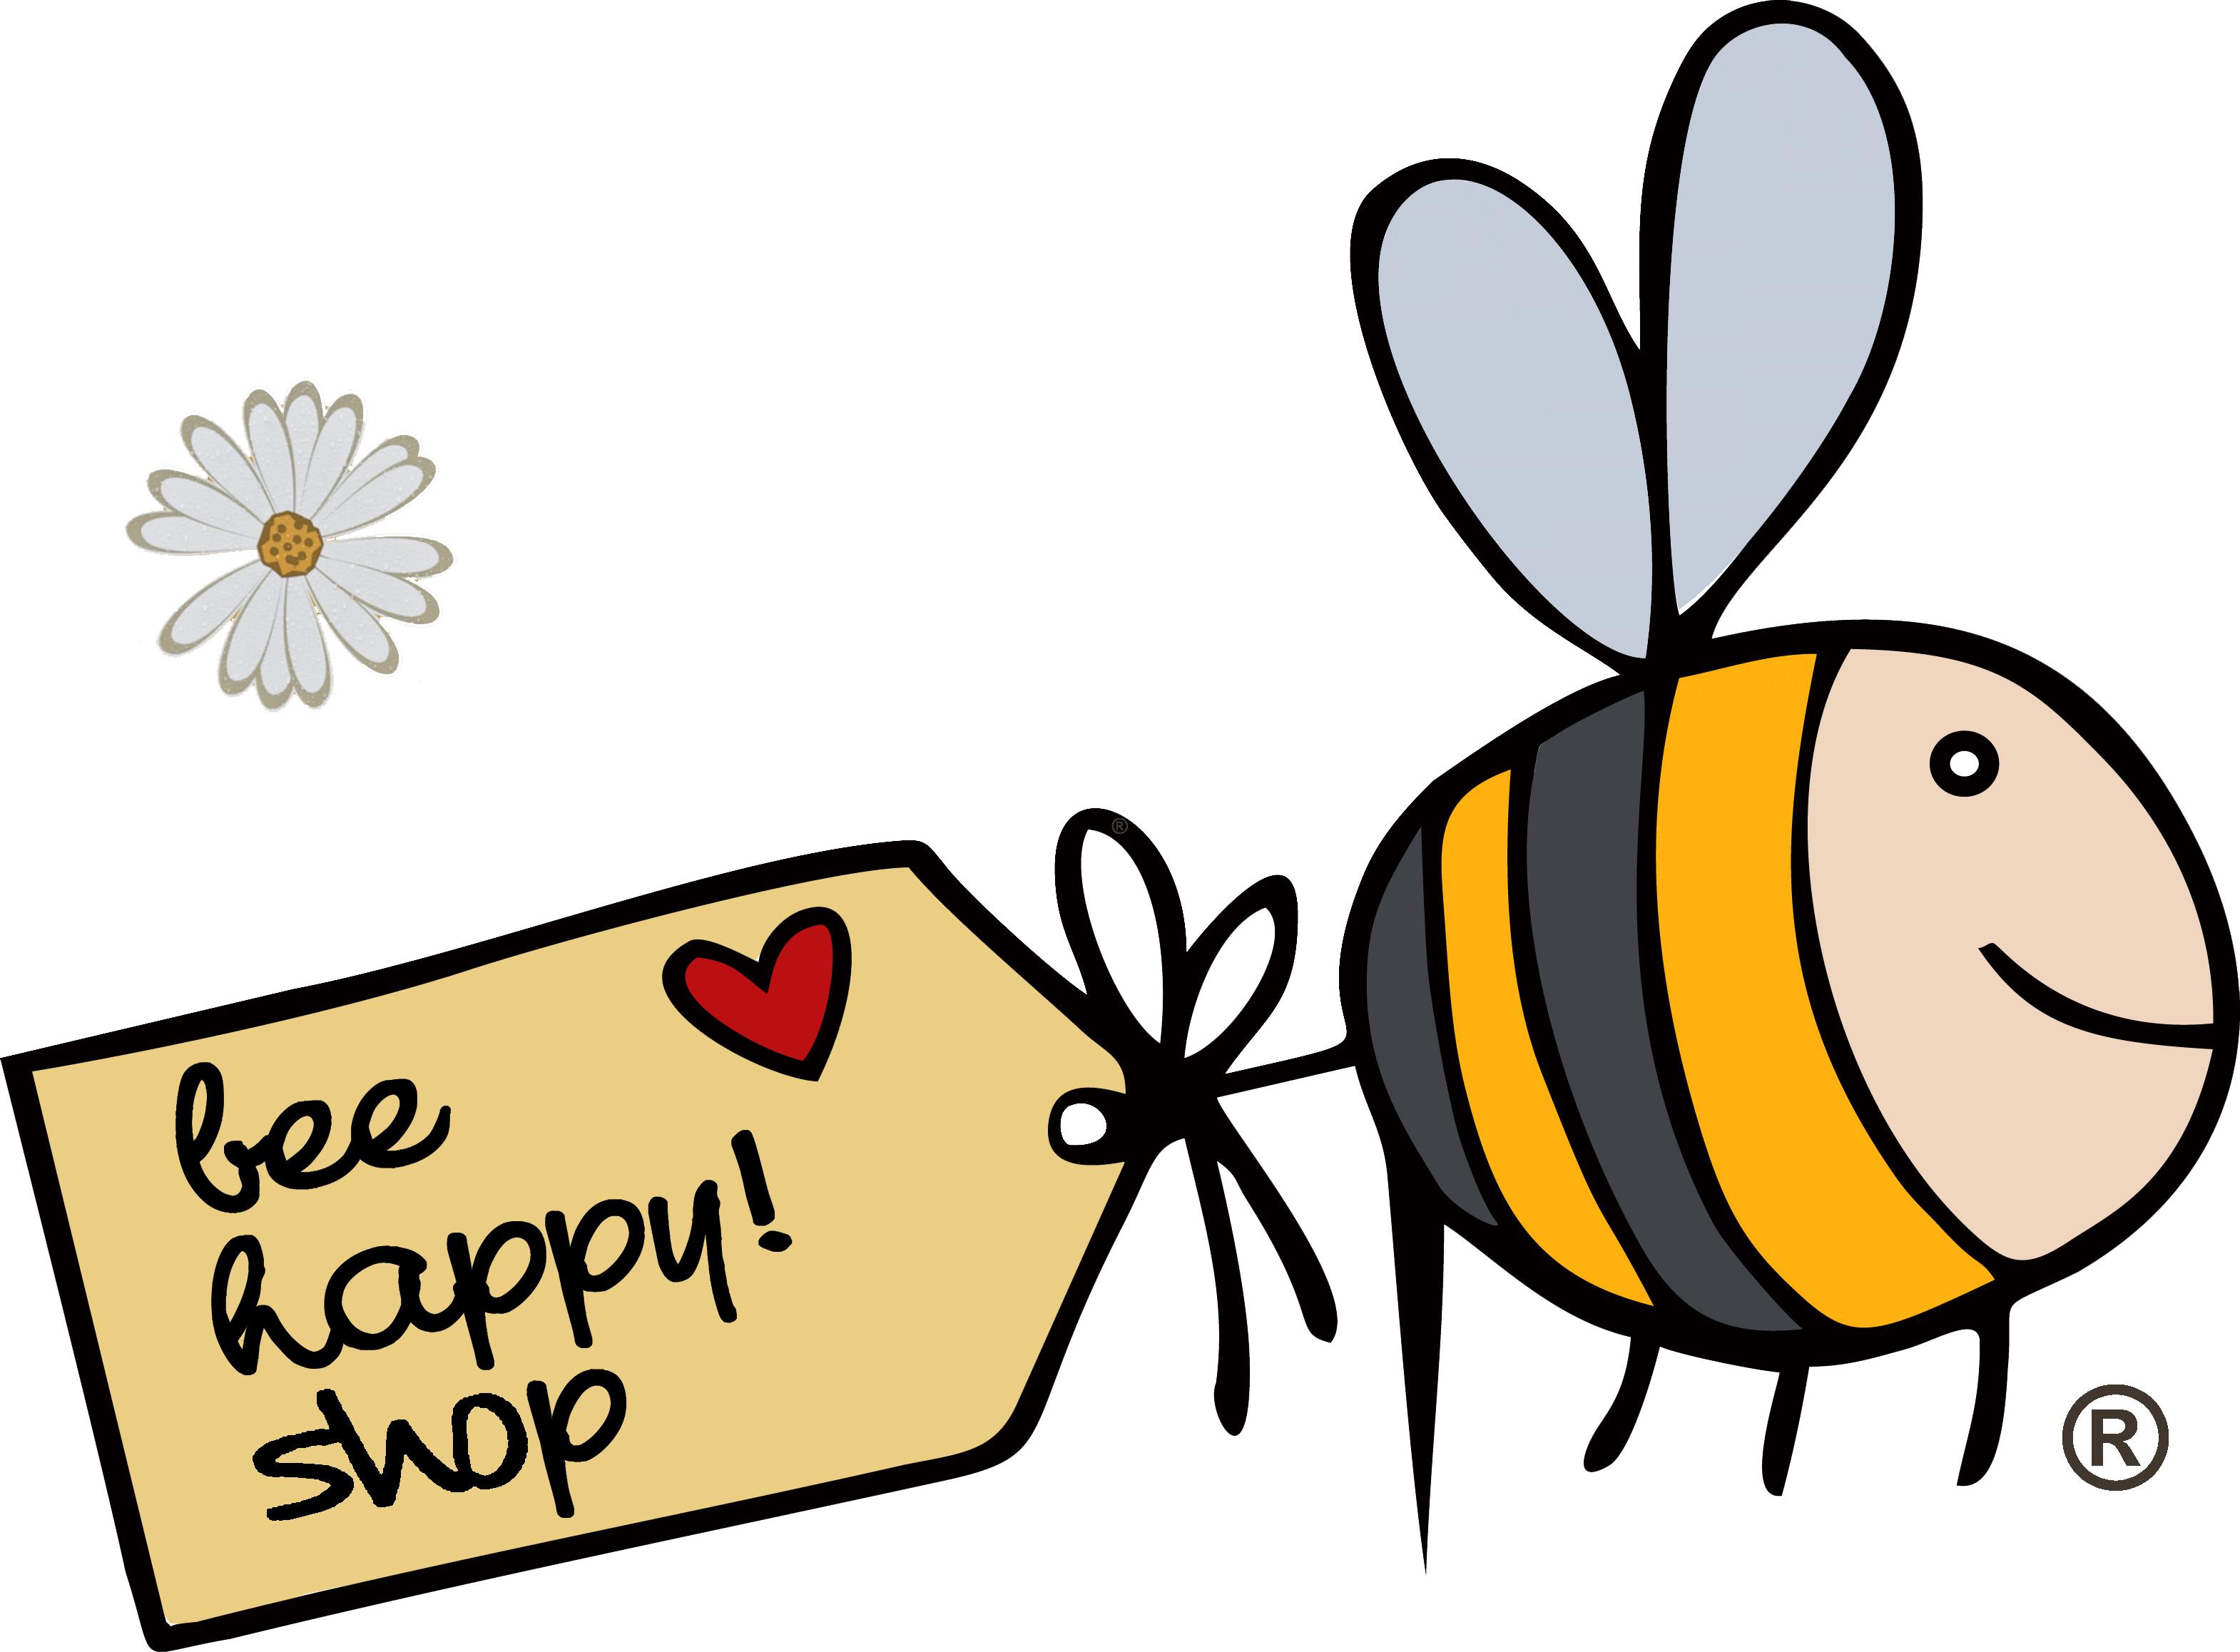 bee-happy-shop